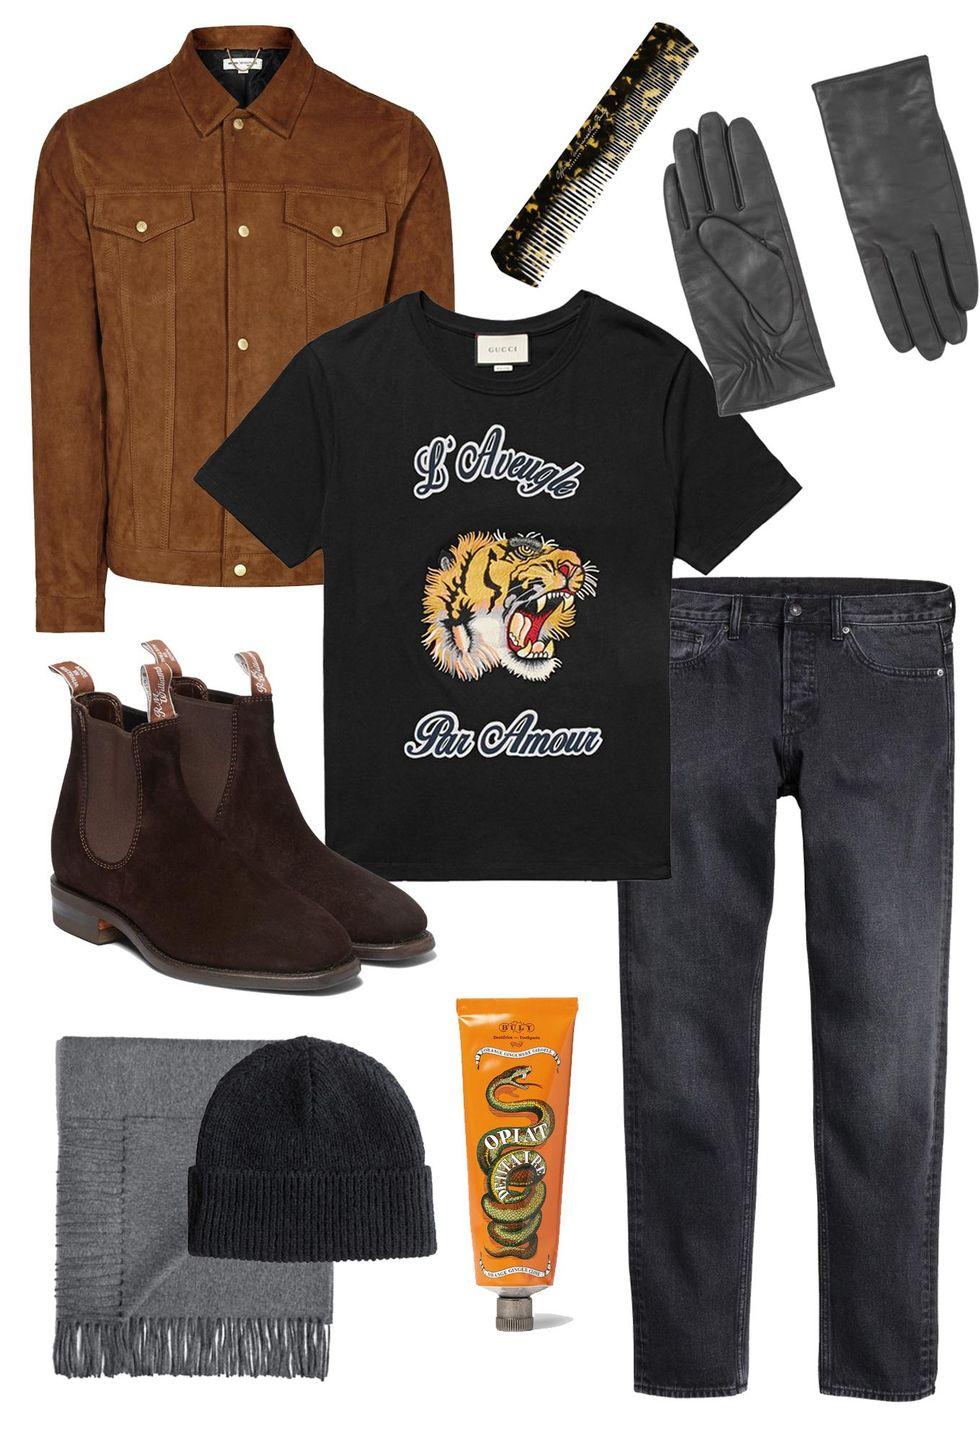 veckans shoppingtips herrmde mockajacka, boots, kam, grooming, halduk, skinnhandskar, mossa, stickat.jpg